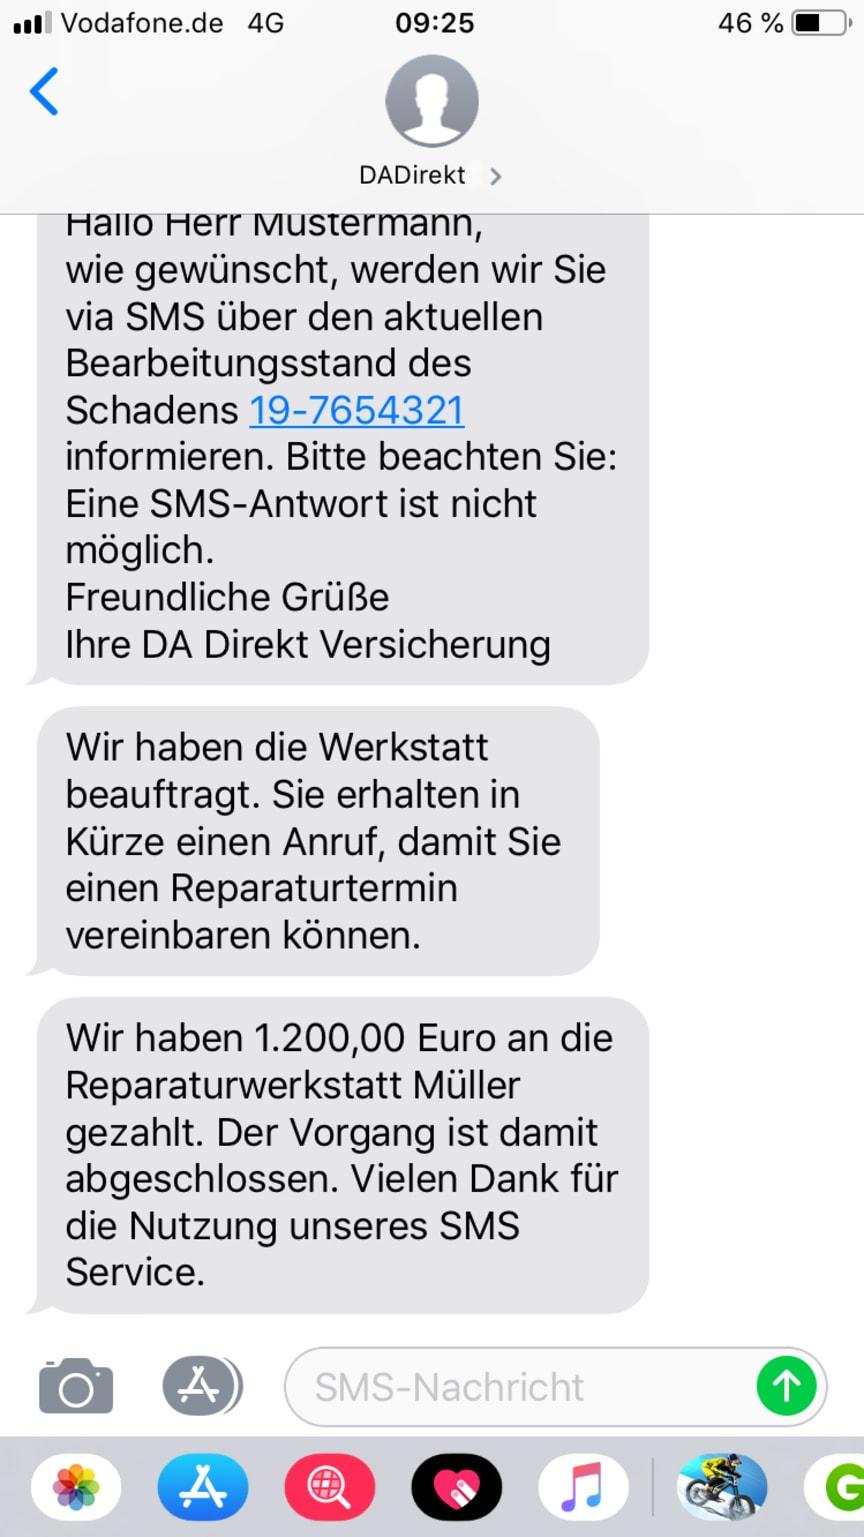 DA Direkt - SMS Informationsservice_Beispielbild2